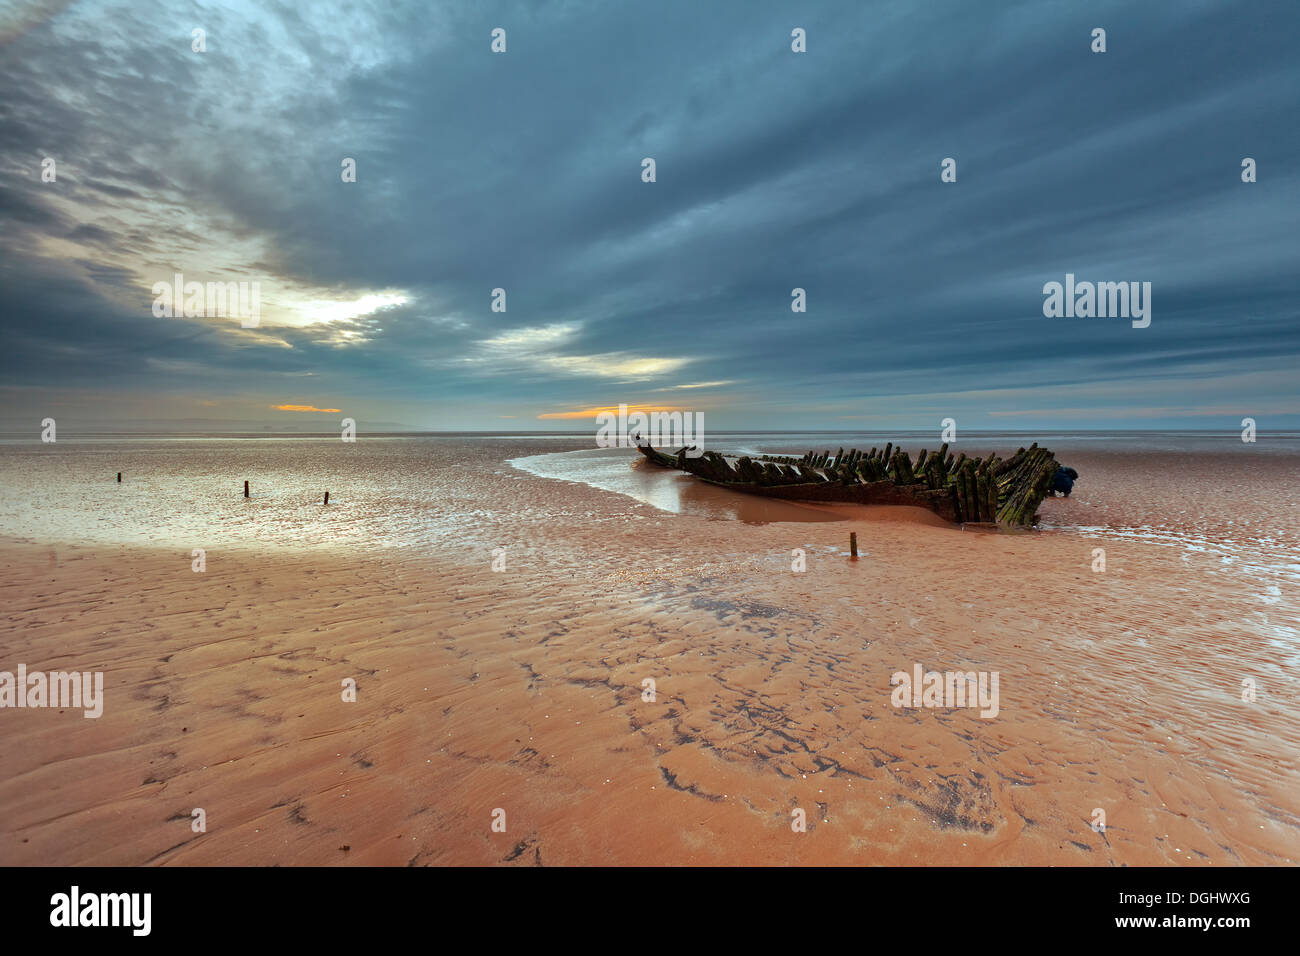 Vistas de un naufragio en berrow playa. Imagen De Stock